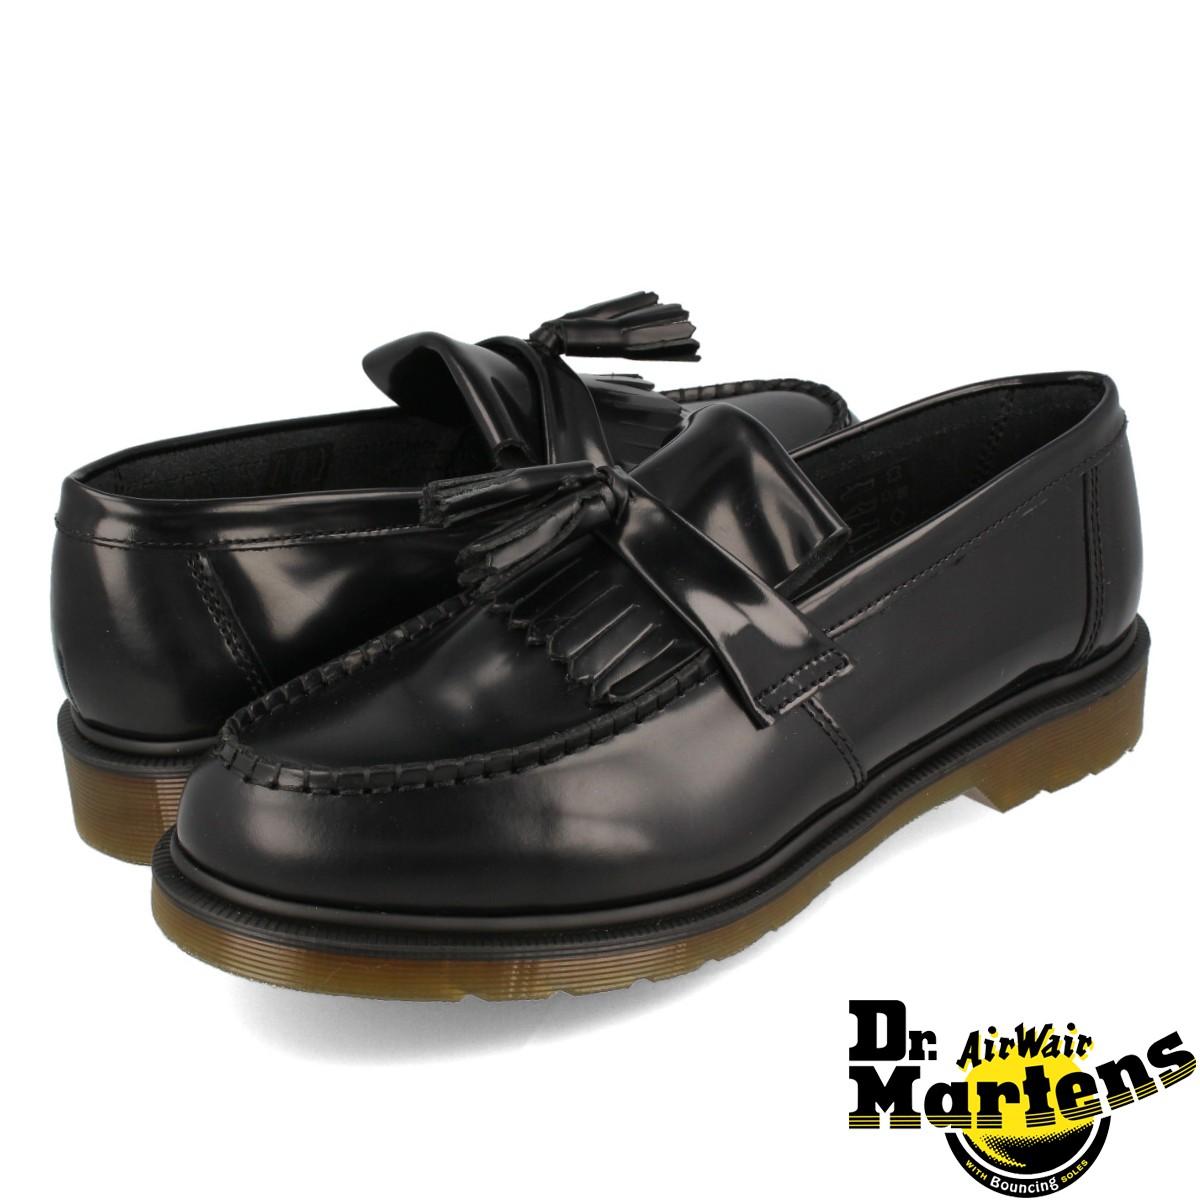 【送料無料】【Dr.Martensドクターマーチン】定番モデル タッセルローファー メンズ レディース ブラック 黒 24369001 Dr.Martens ADRIAN TASSEL LOAFER R24369001 ドクターマーチン アドリアン タッセル ローファー BLACK POLISHED SMOOTH